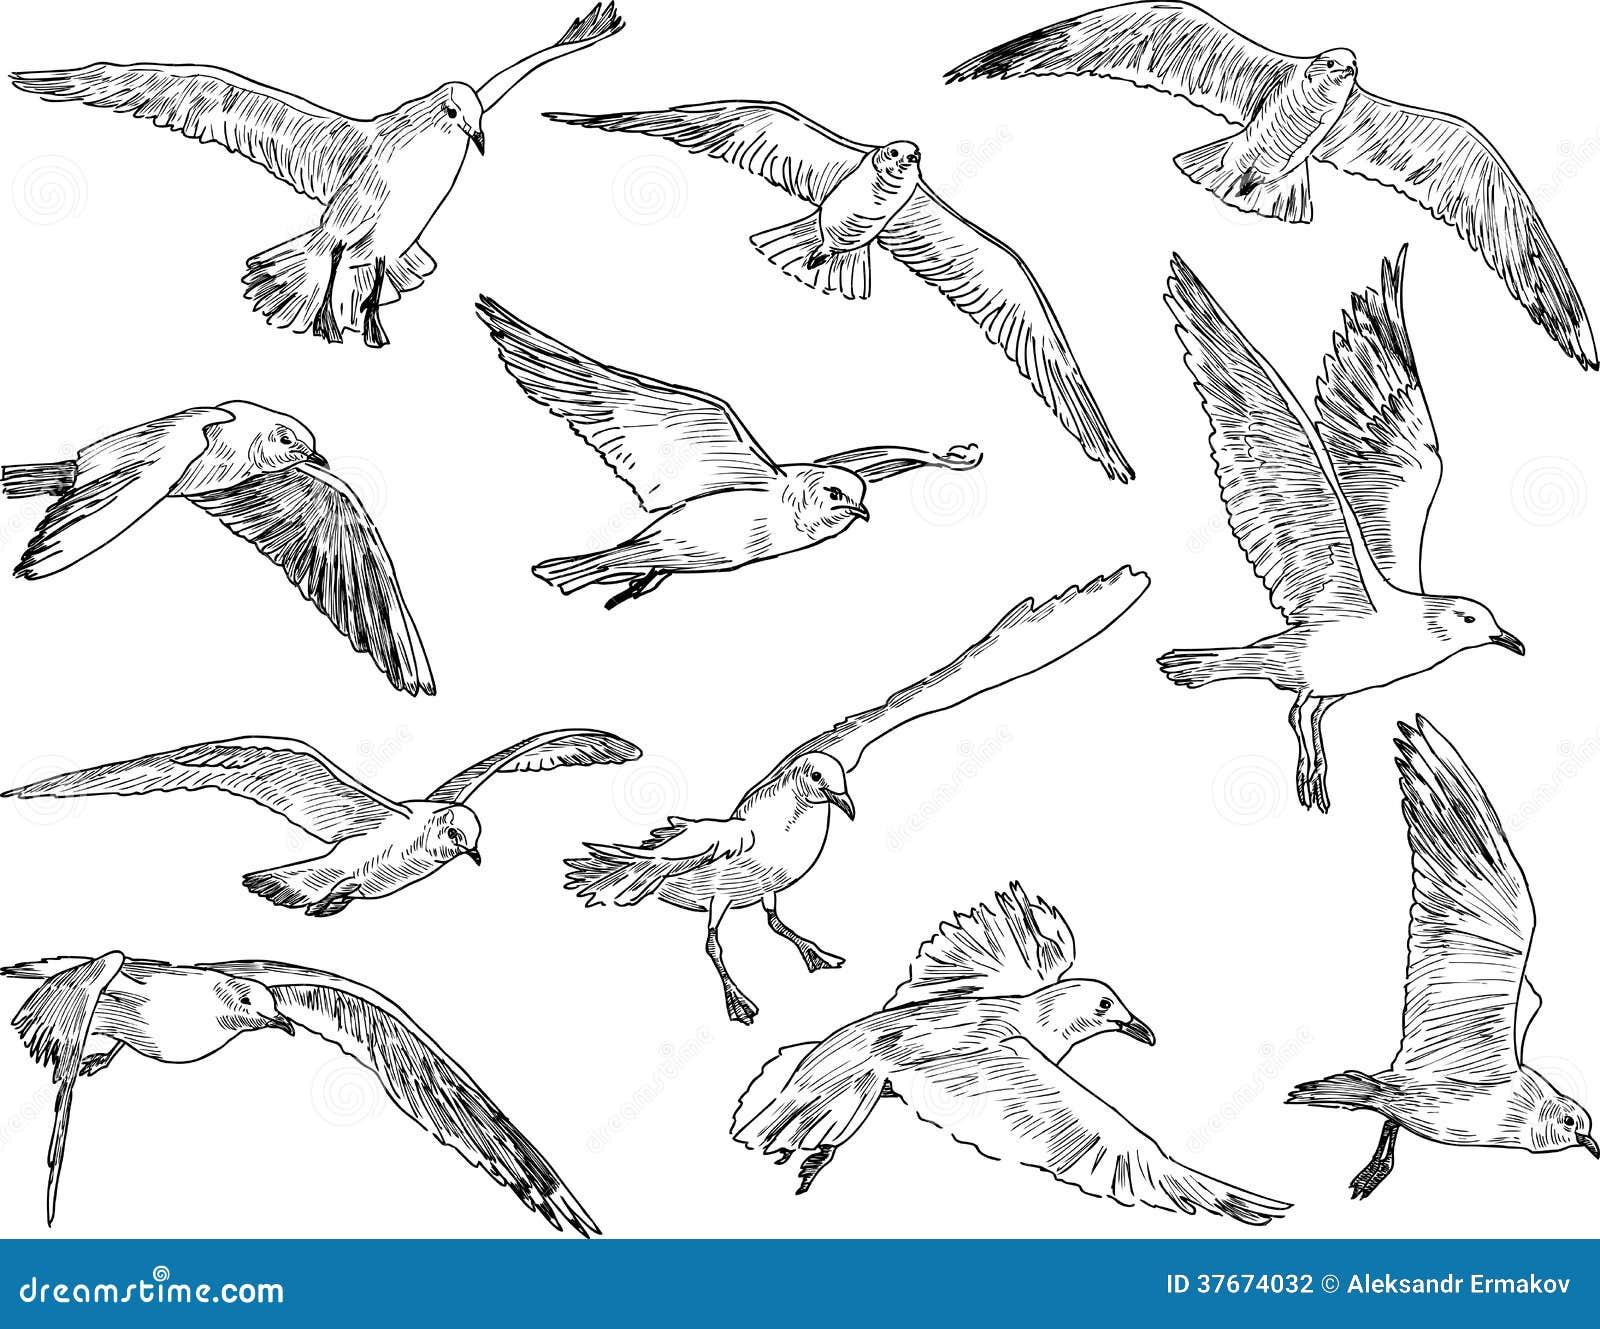 A Flock Of Seagulls Listen